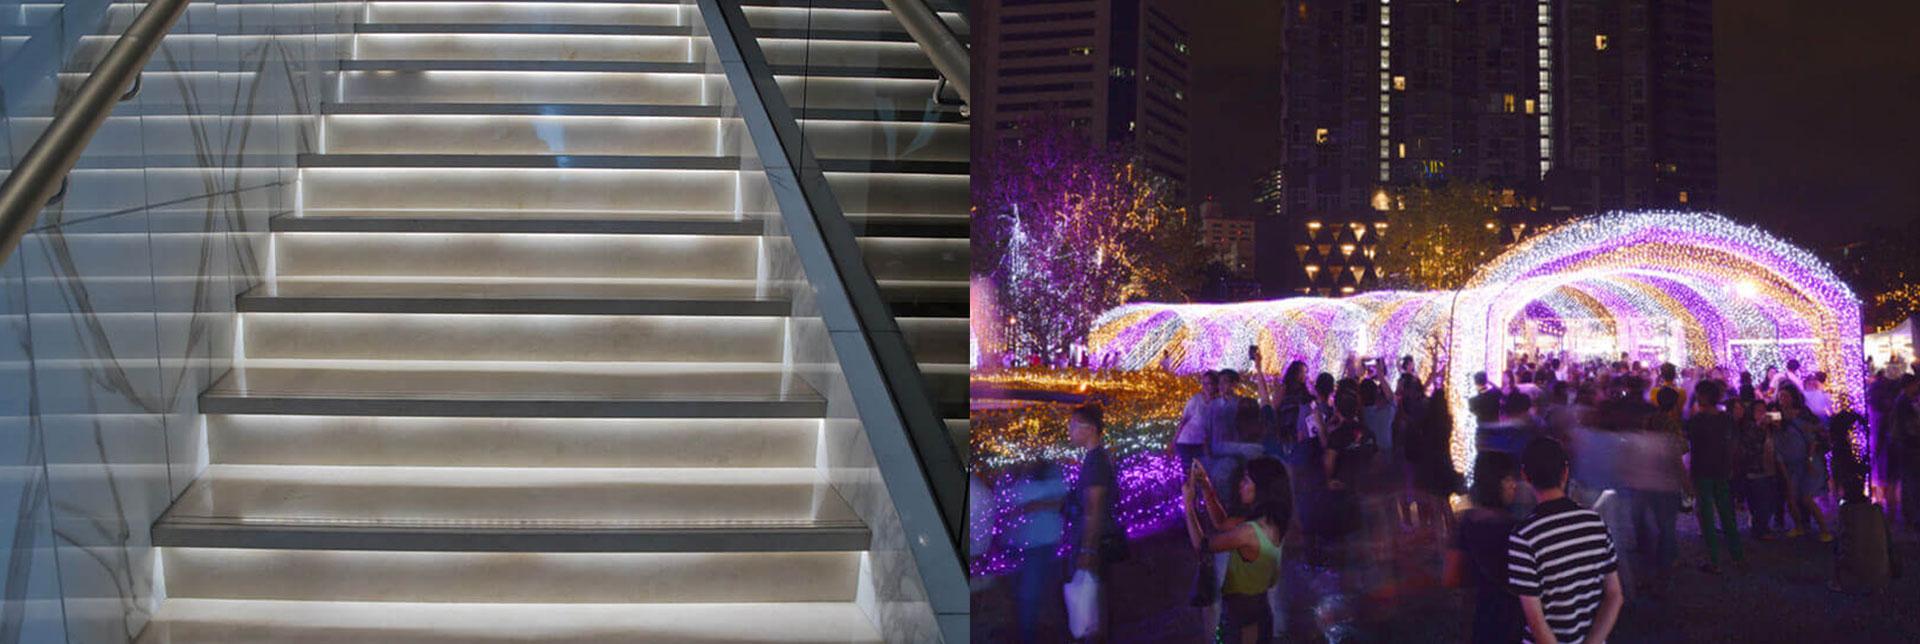 Application of housing for 8ft strip light